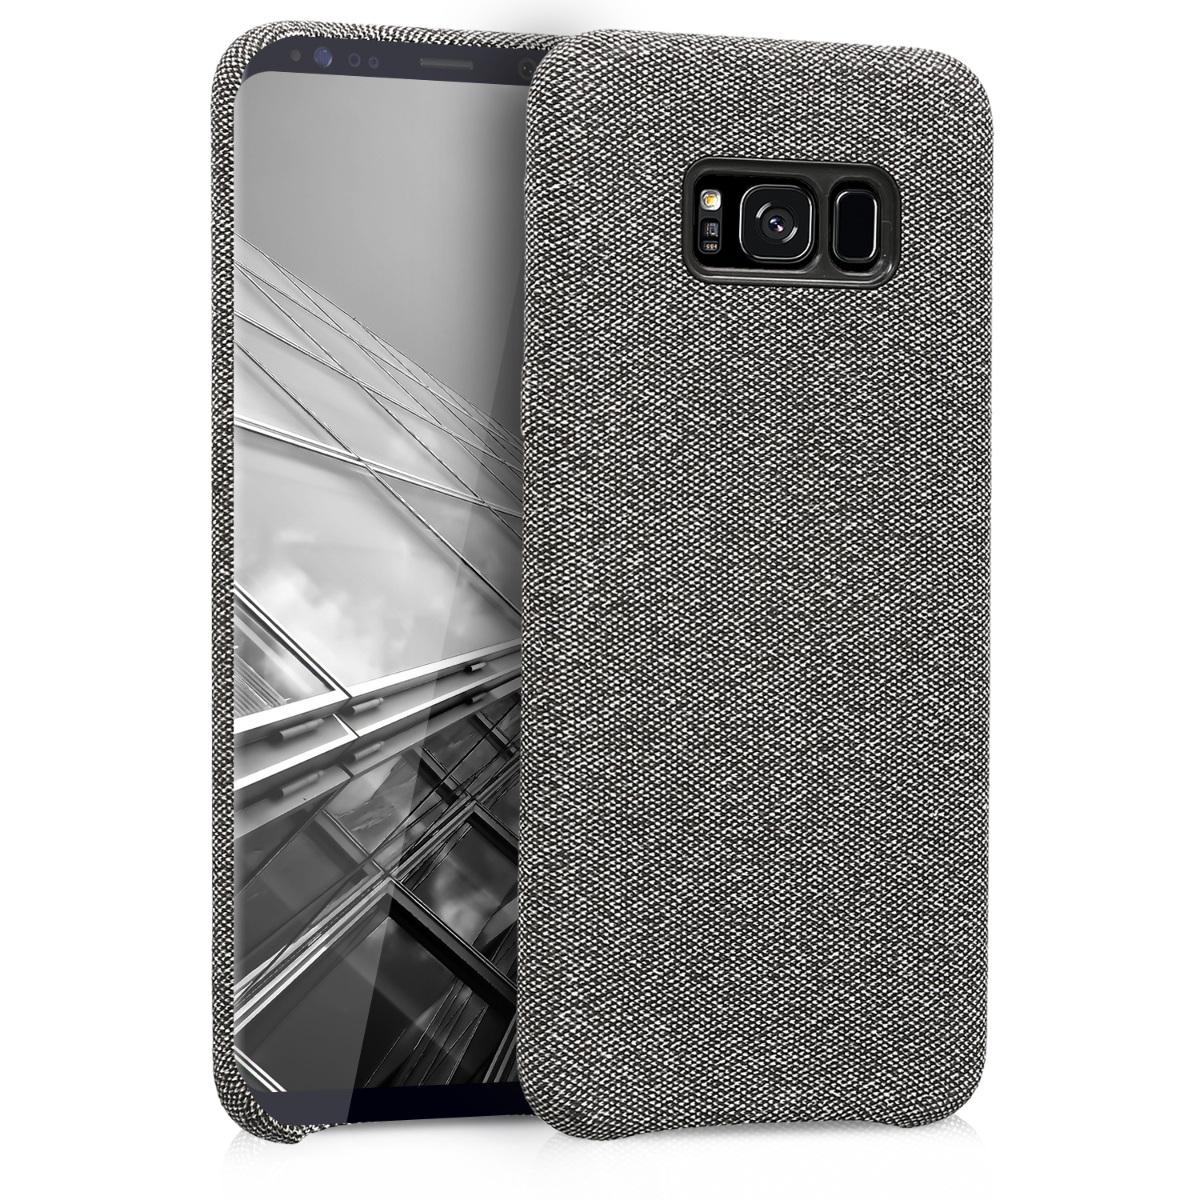 Textilní látkové pouzdro | obal pro Samsung Galaxy S8 Plus